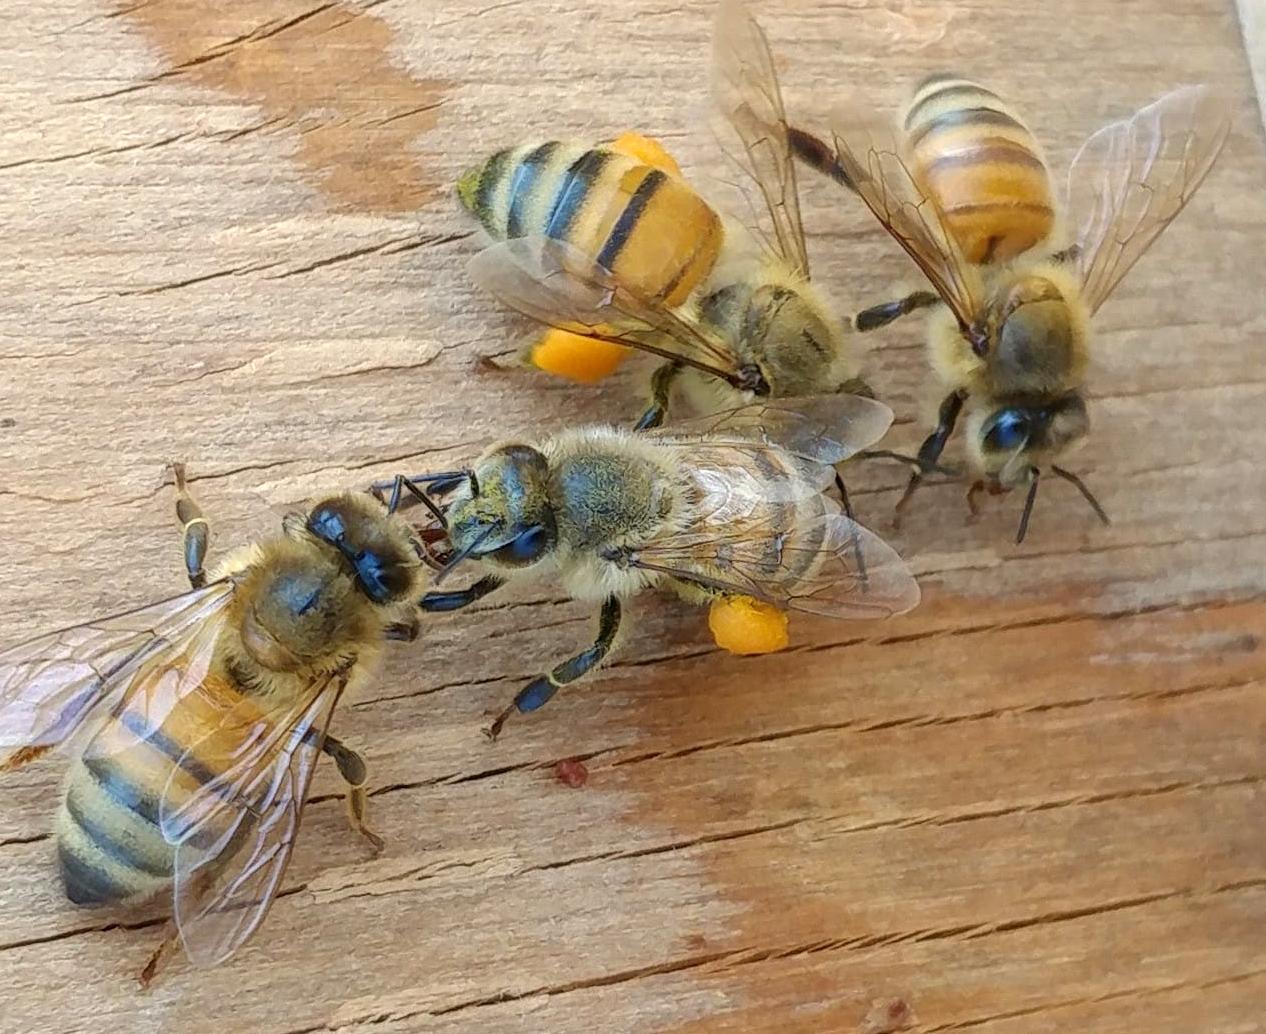 Honeybees with pollen on legs